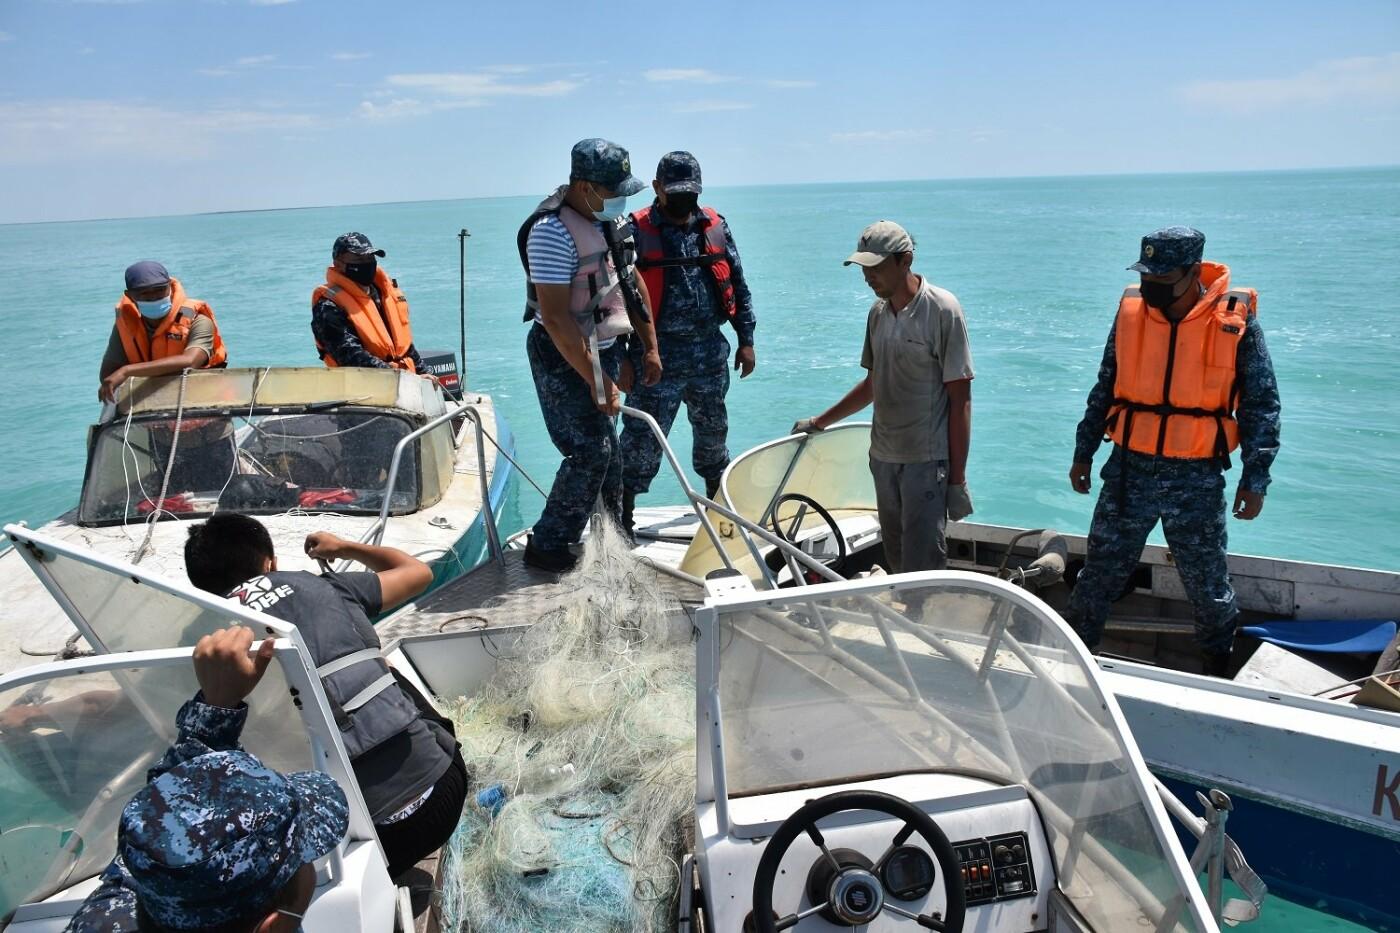 27 моторных лодок были изъяты у браконьеров Балхаша, фото пресс-службы ДП Карагандинской области